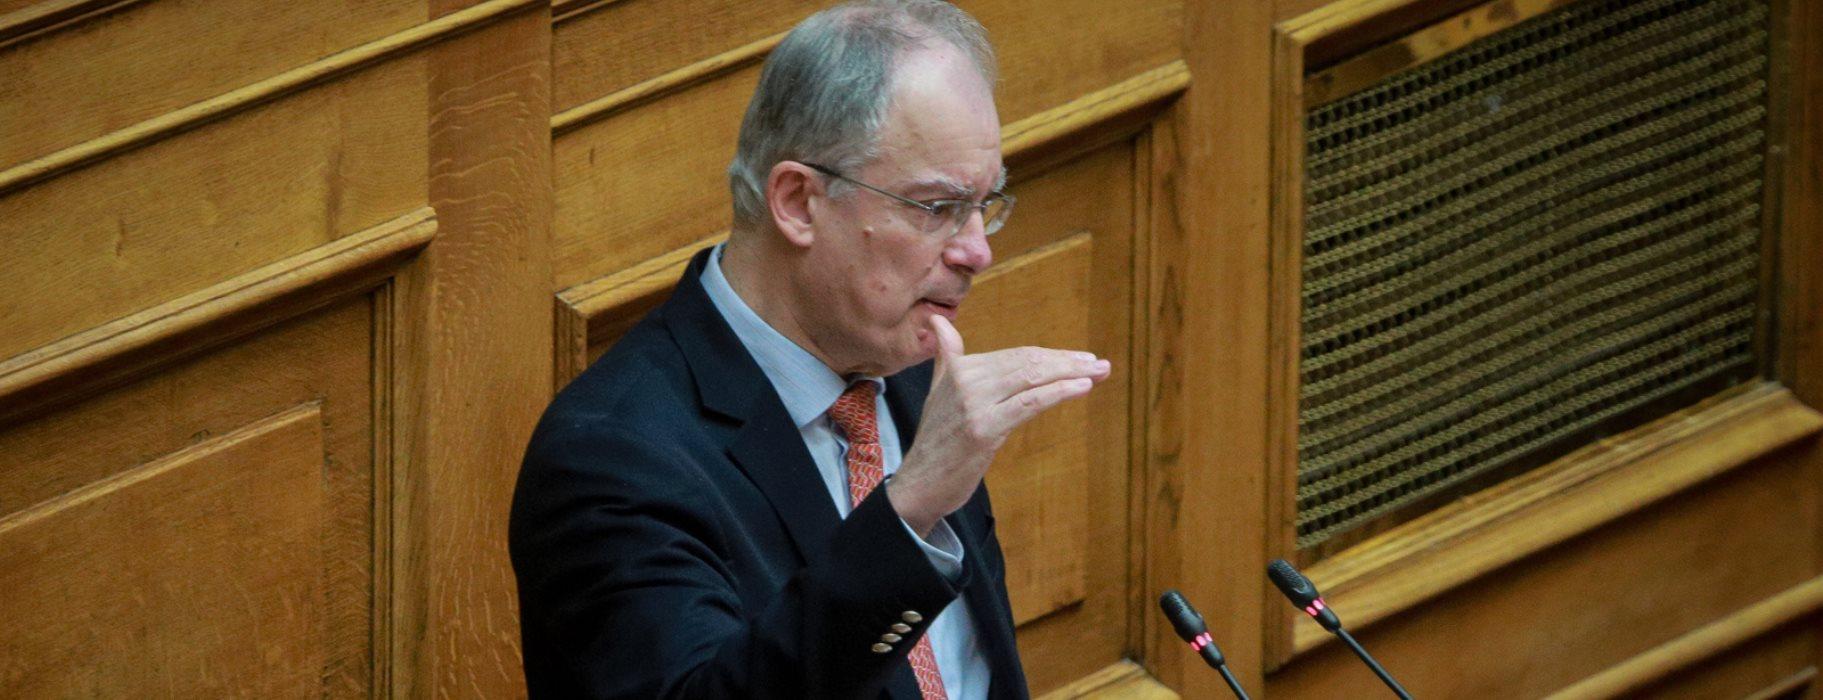 Ο αντικομουνιστής νέος πρόεδρος της Βουλής, πρόσφατα δικαίωσε την εκτέλεση Μπελογιάννη - Να τον χαίρονται στη ΝΔ